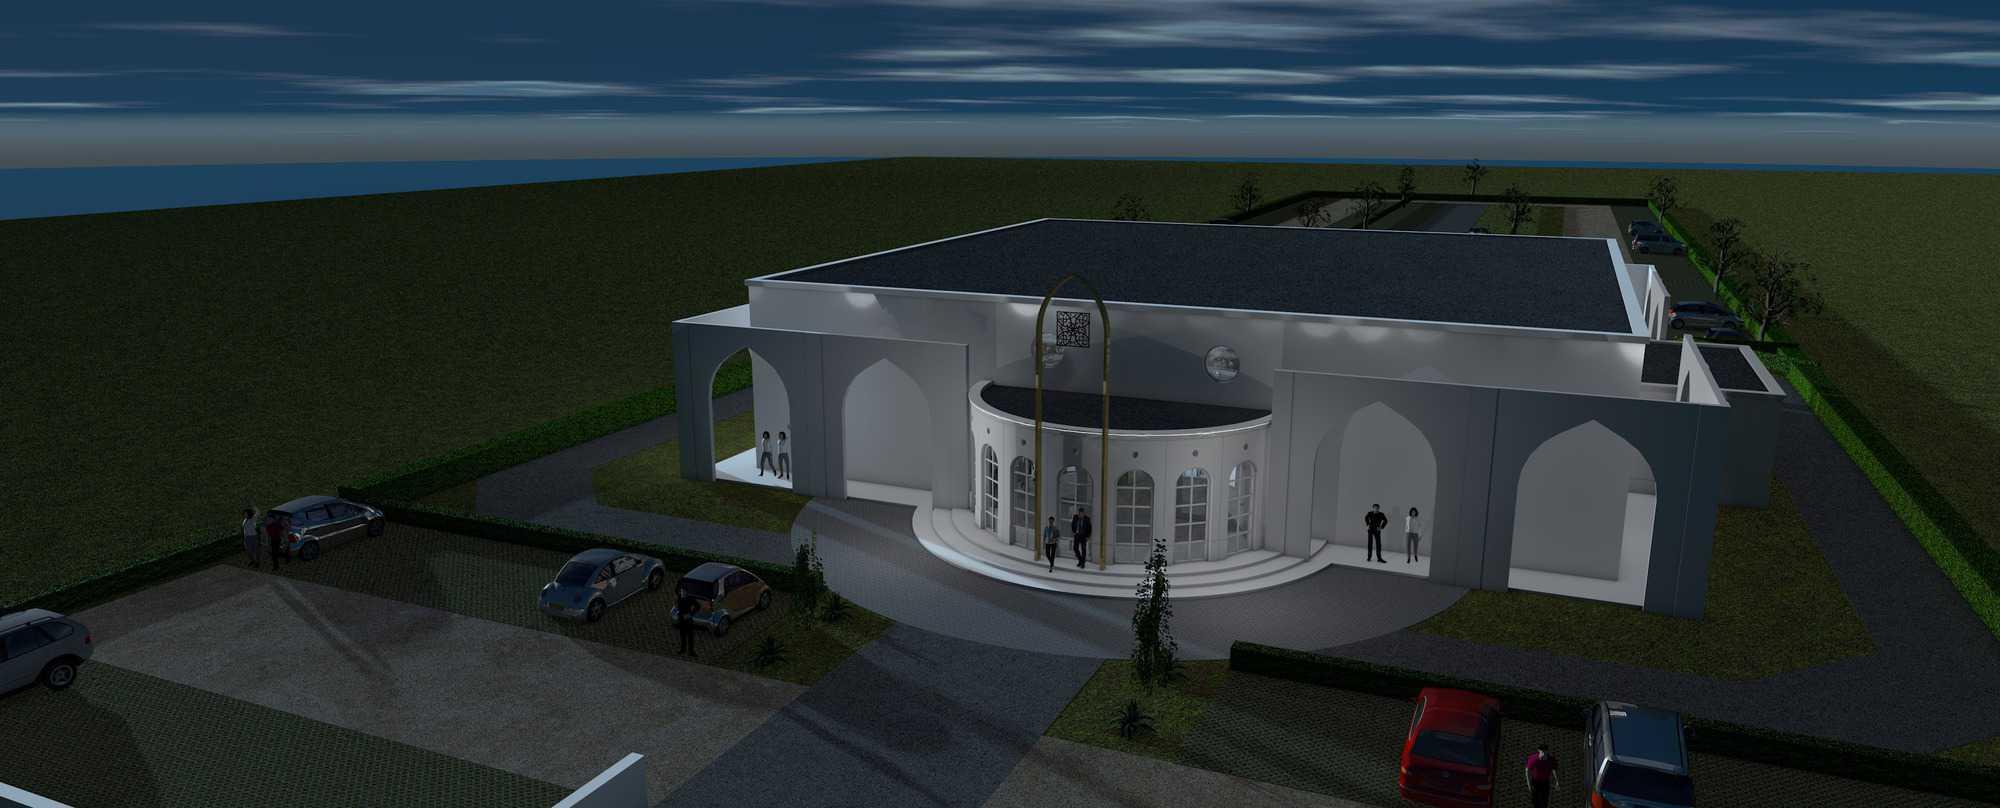 Detail afbeelding 12 van BEJAZ SARAY – ontmoetingscentrum   Ontwerp door architect Patrick Strackx